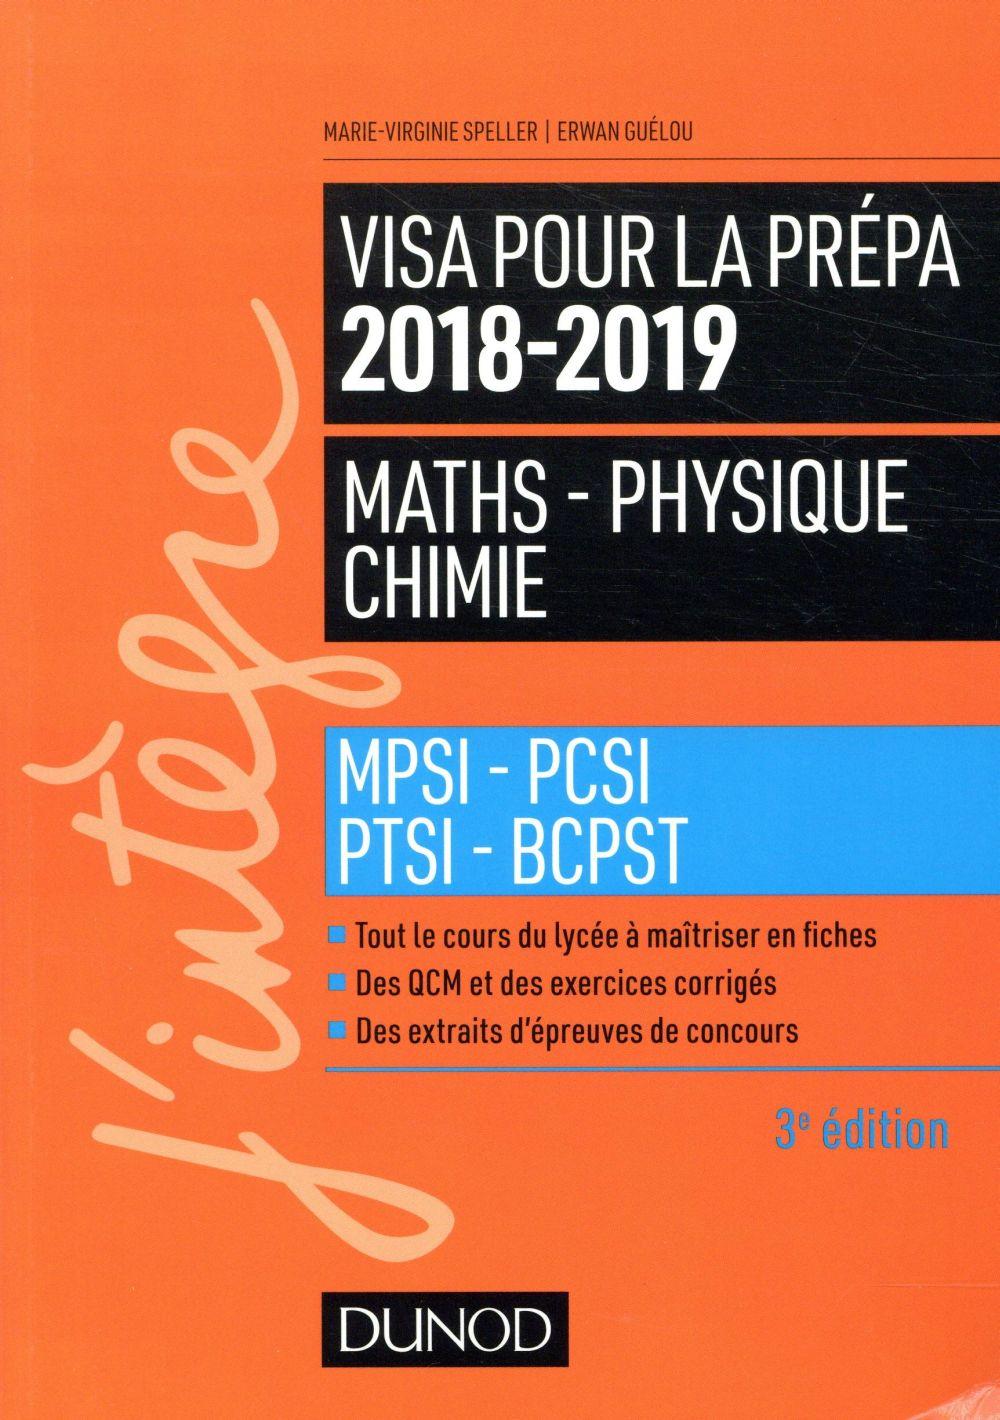 VISA POUR LA PREPA 2018 2019   MATHS PHYSIQUE CHIMIE   MPSI PCSI PTSI BCPST